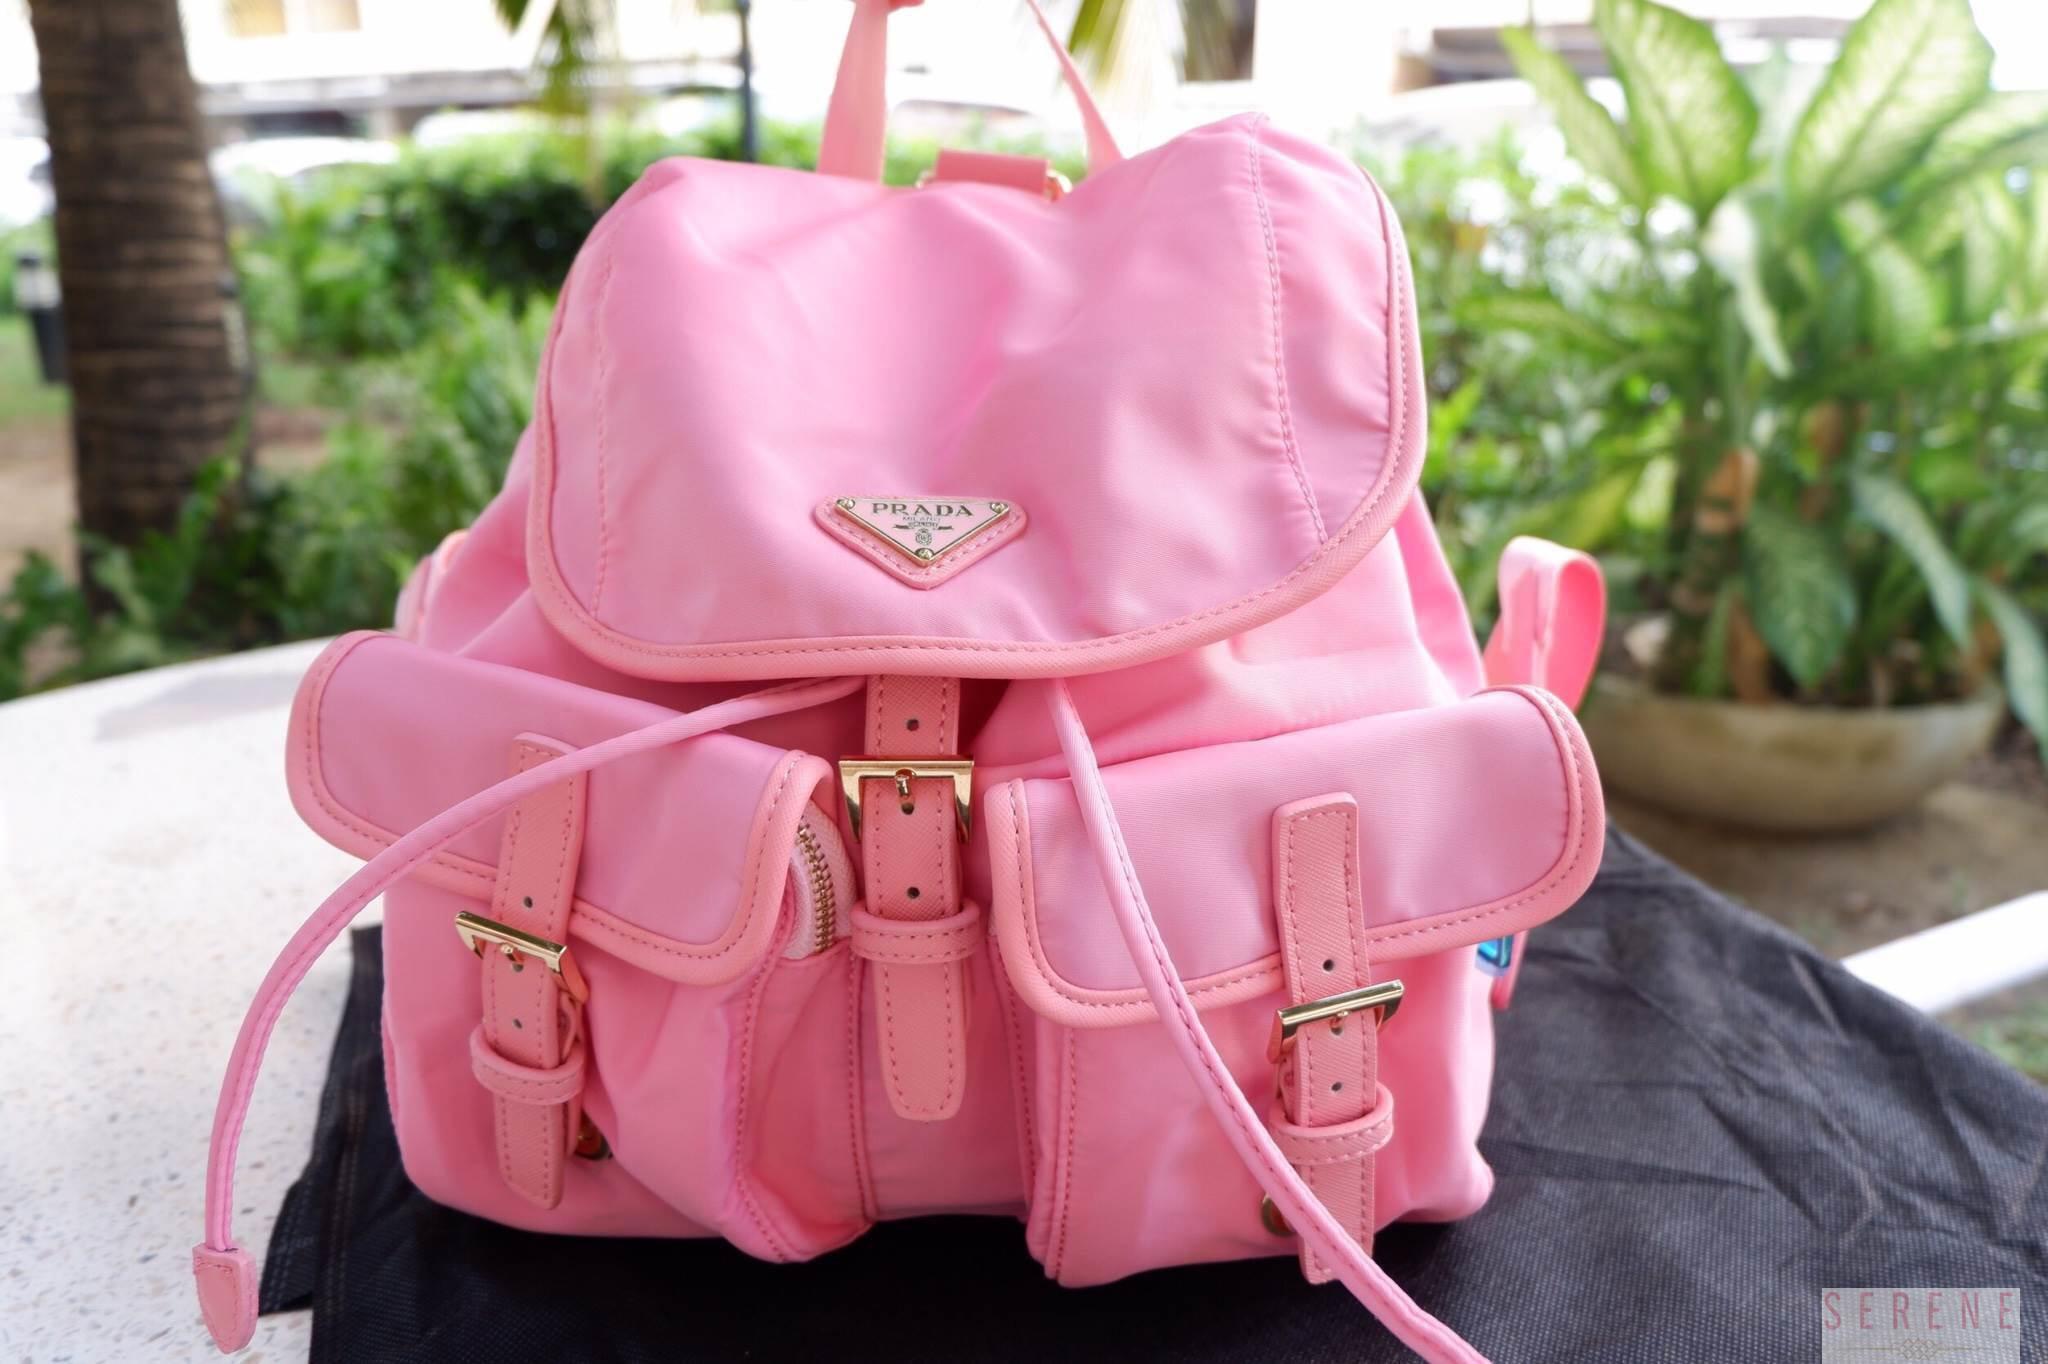 กระเป๋าเป้ PRADA รุ่น Limited edition